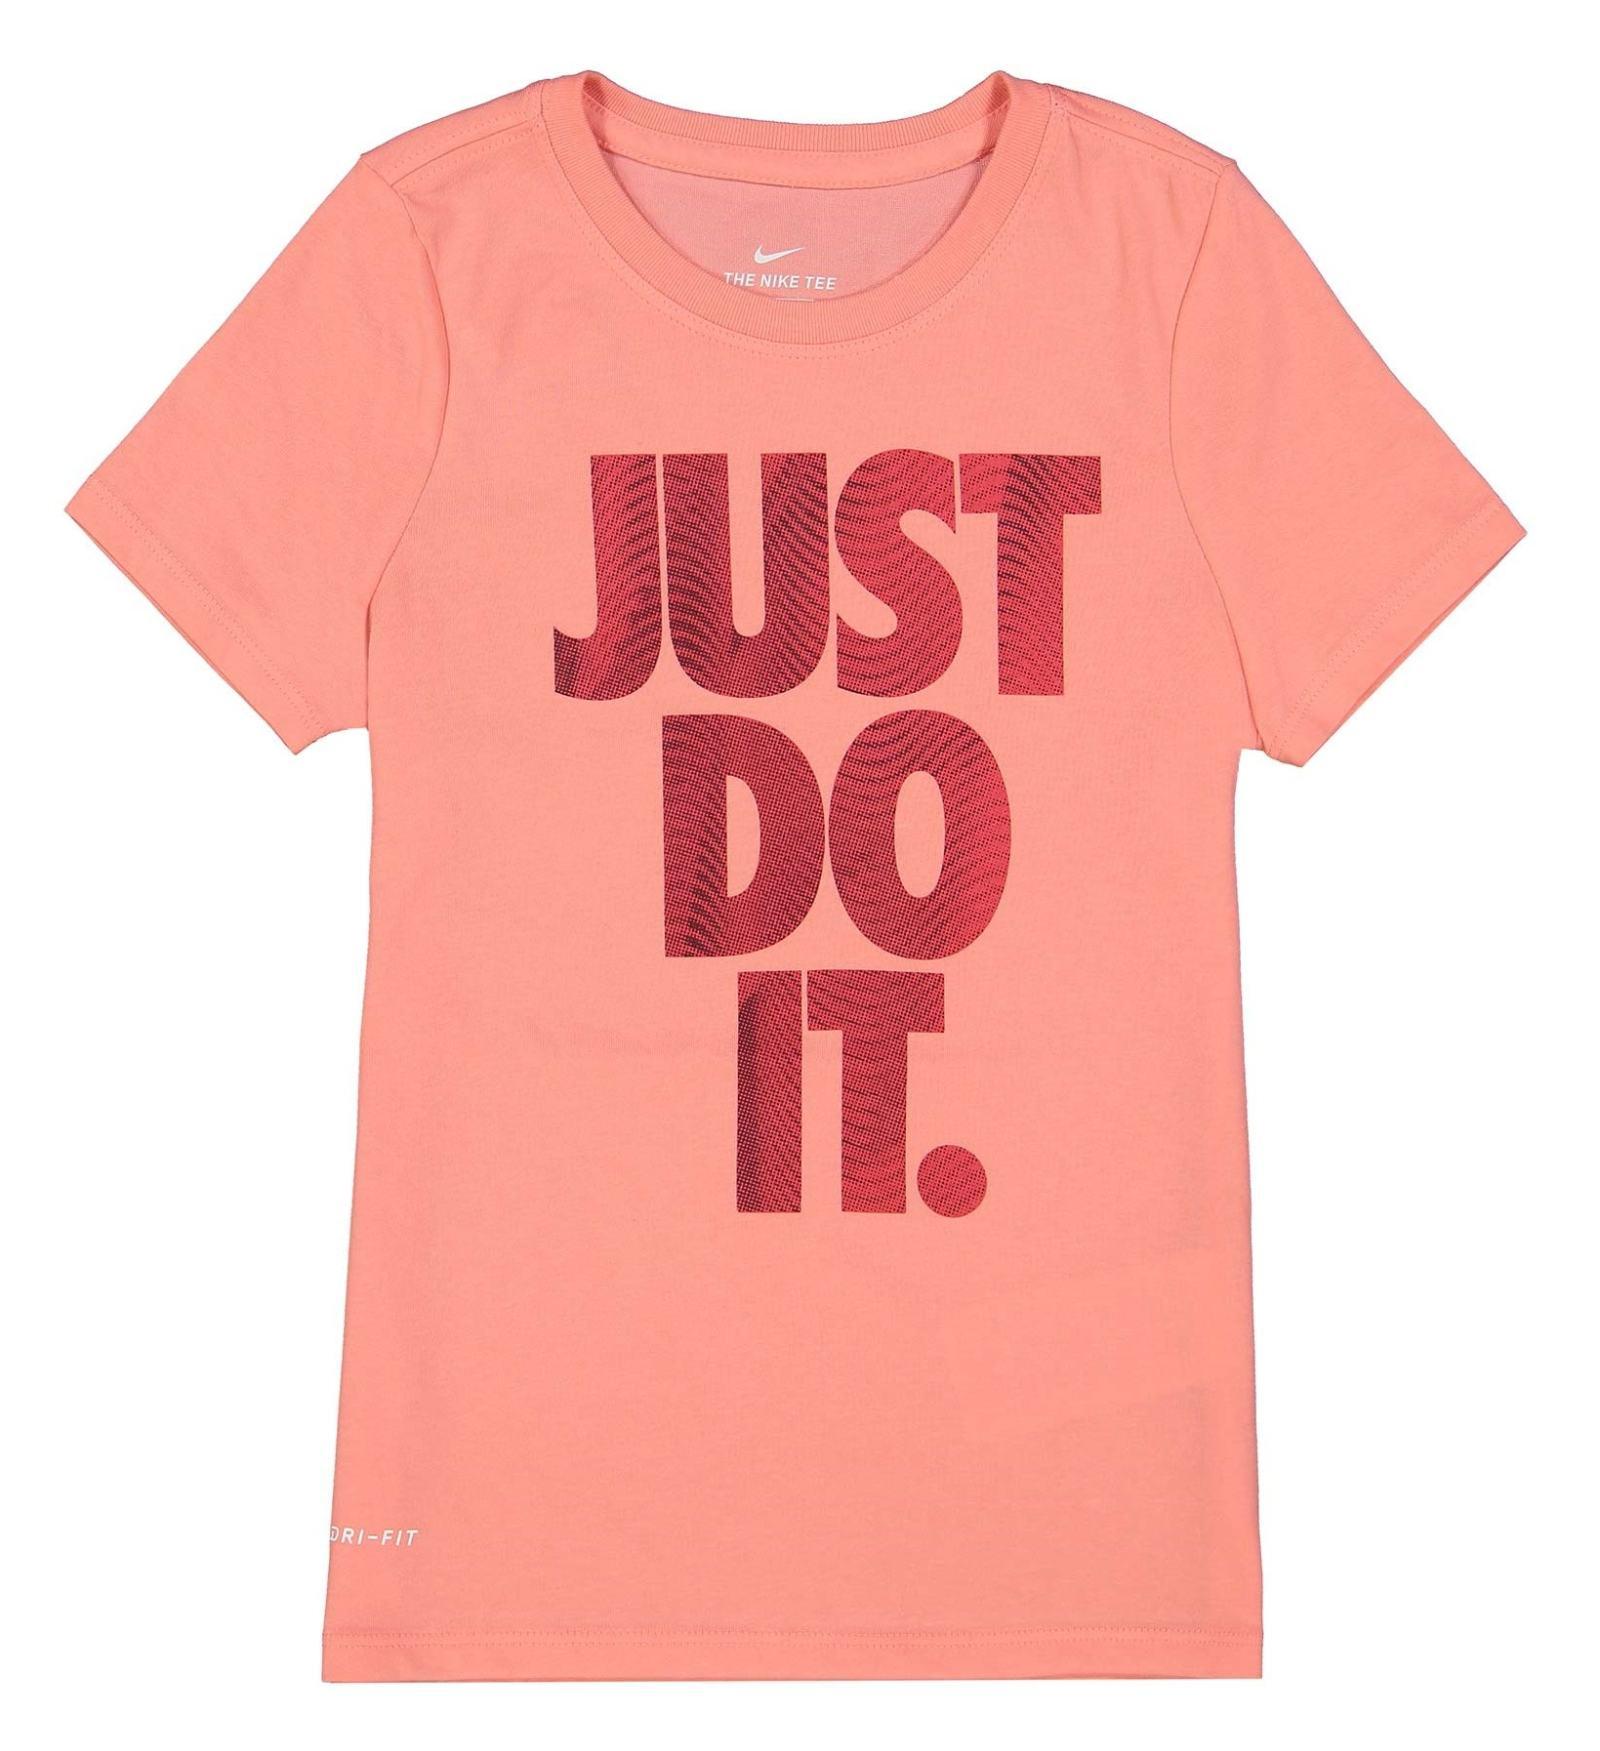 تی شرت ورزشی نخی بچگانه - نایکی - صورتي  - 2